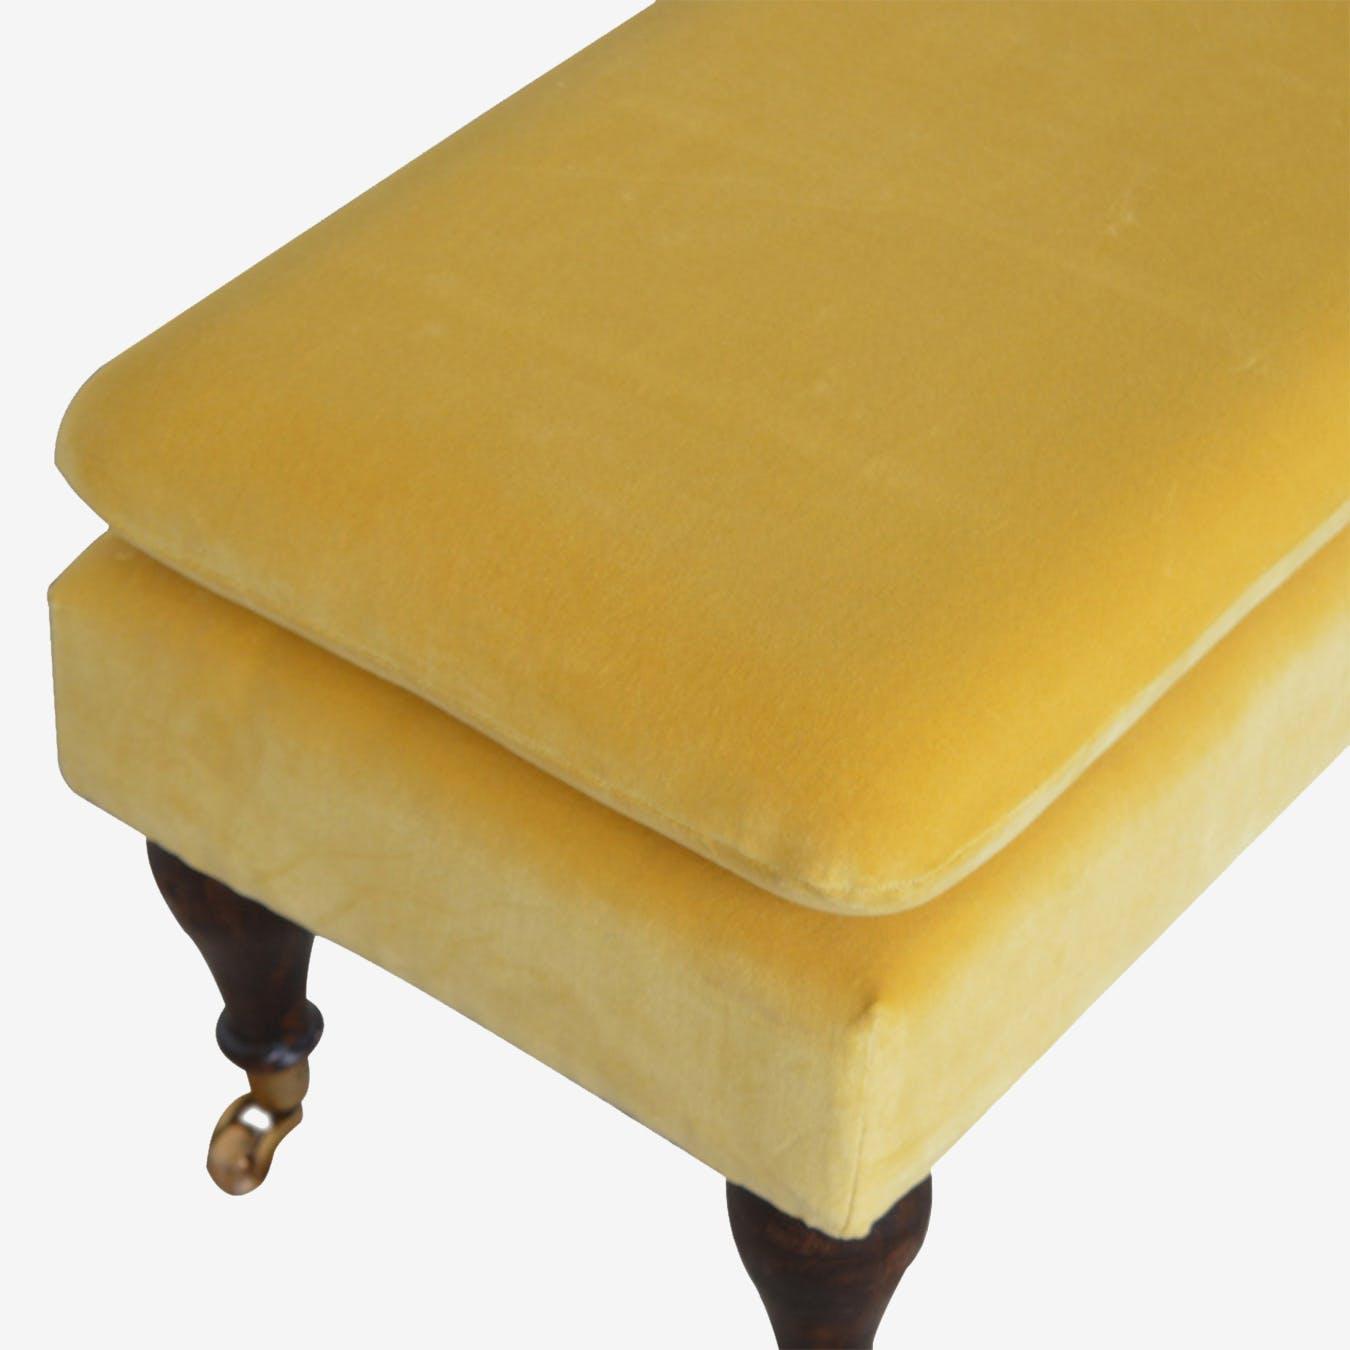 Bench With Castor Legs Mustard Velvet By Artisan Furniture Fy